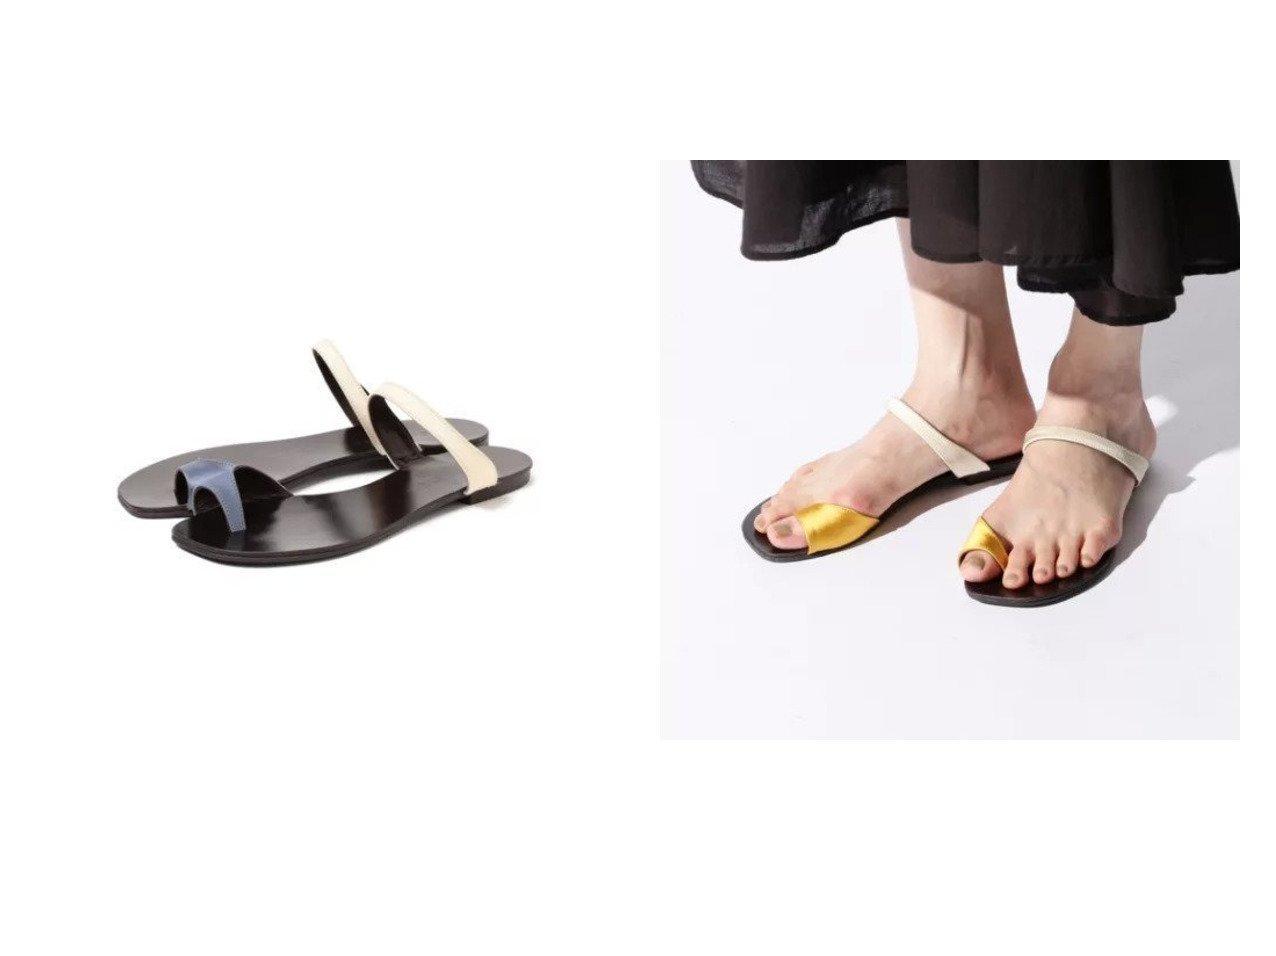 【Demi-Luxe BEAMS/デミルクス ビームス】の別注 AURA サンダル シューズ・靴のおすすめ!人気、トレンド・レディースファッションの通販 おすすめで人気の流行・トレンド、ファッションの通販商品 メンズファッション・キッズファッション・インテリア・家具・レディースファッション・服の通販 founy(ファニー) https://founy.com/ ファッション Fashion レディースファッション WOMEN サンダル シューズ スクエア スペシャル ラップ リラックス 別注 |ID:crp329100000016308